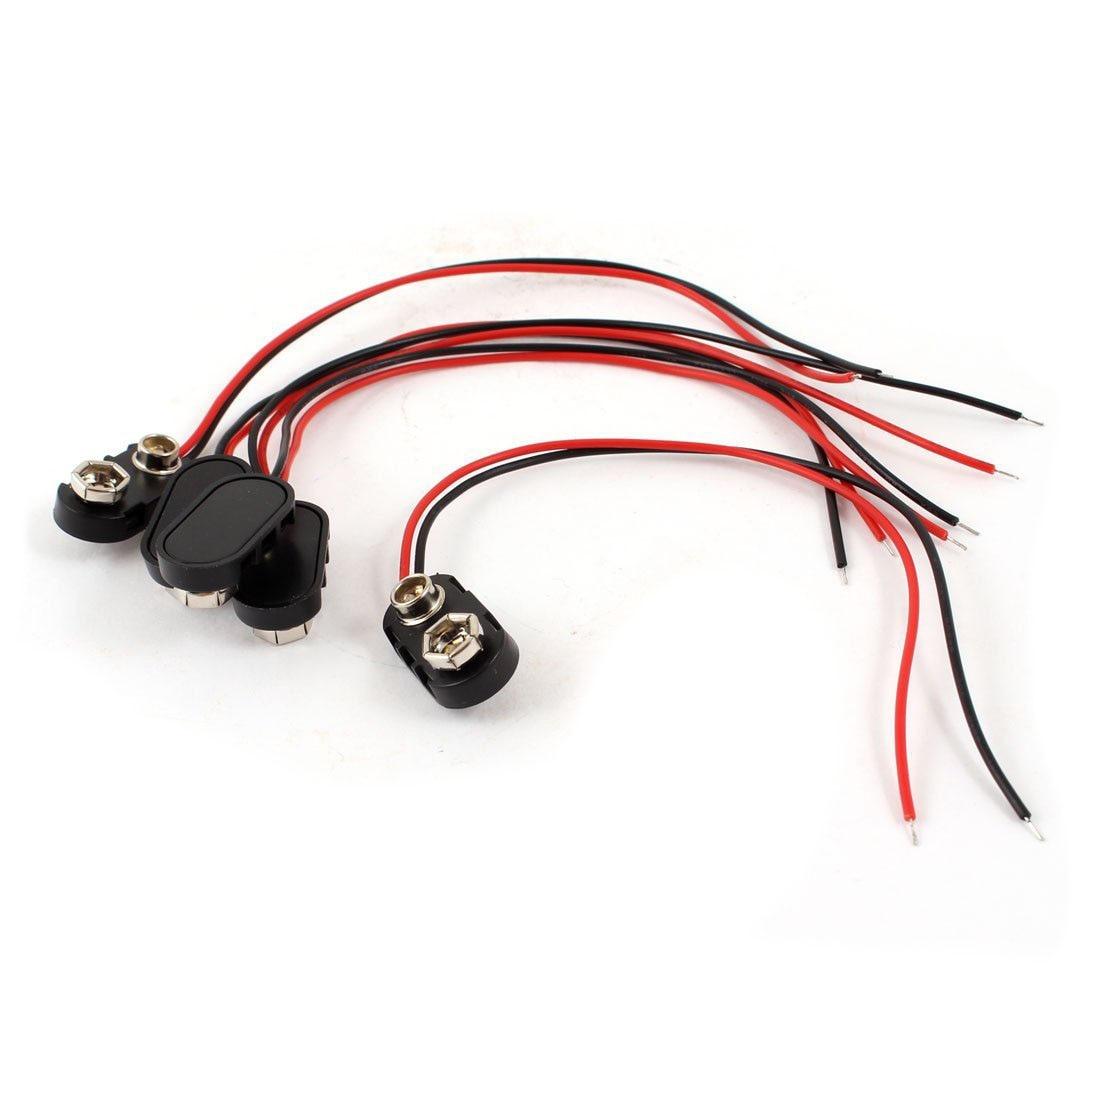 ᑎ‰SCLS 5 x черный пластиковый корпус 14, 99 см 2-кабельный ...